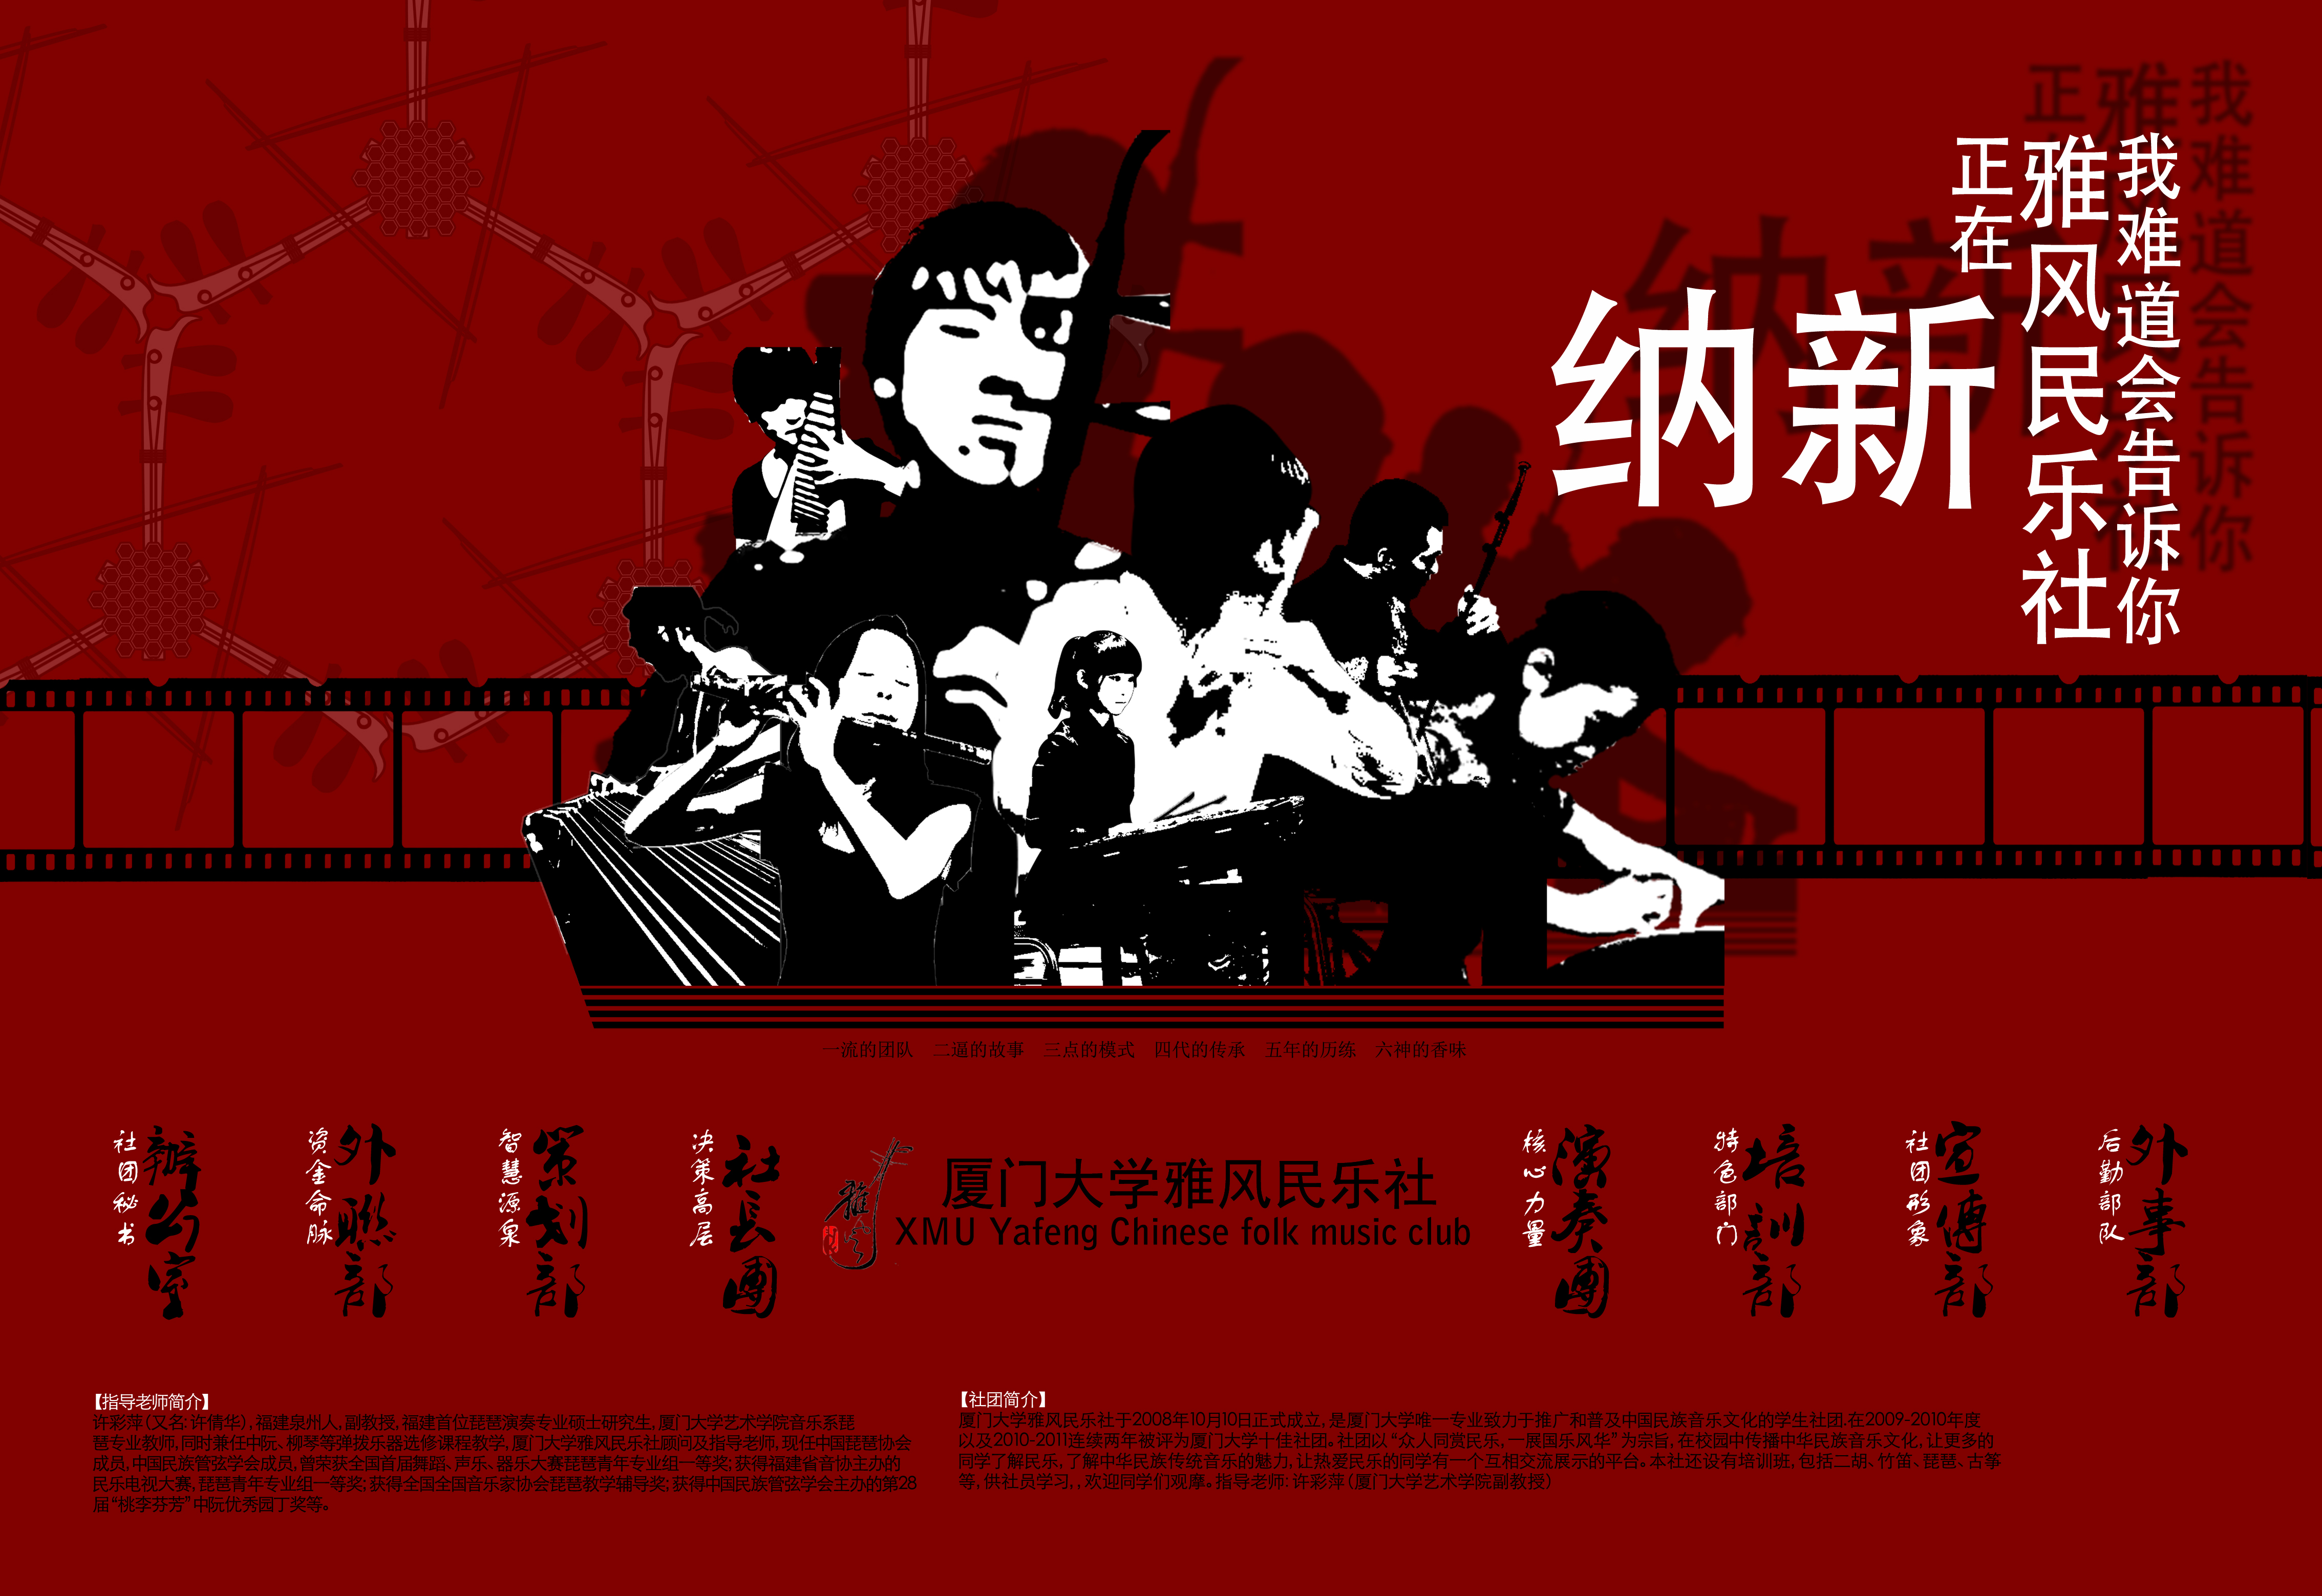 【厦门大学雅风民乐社】2012纳新海报